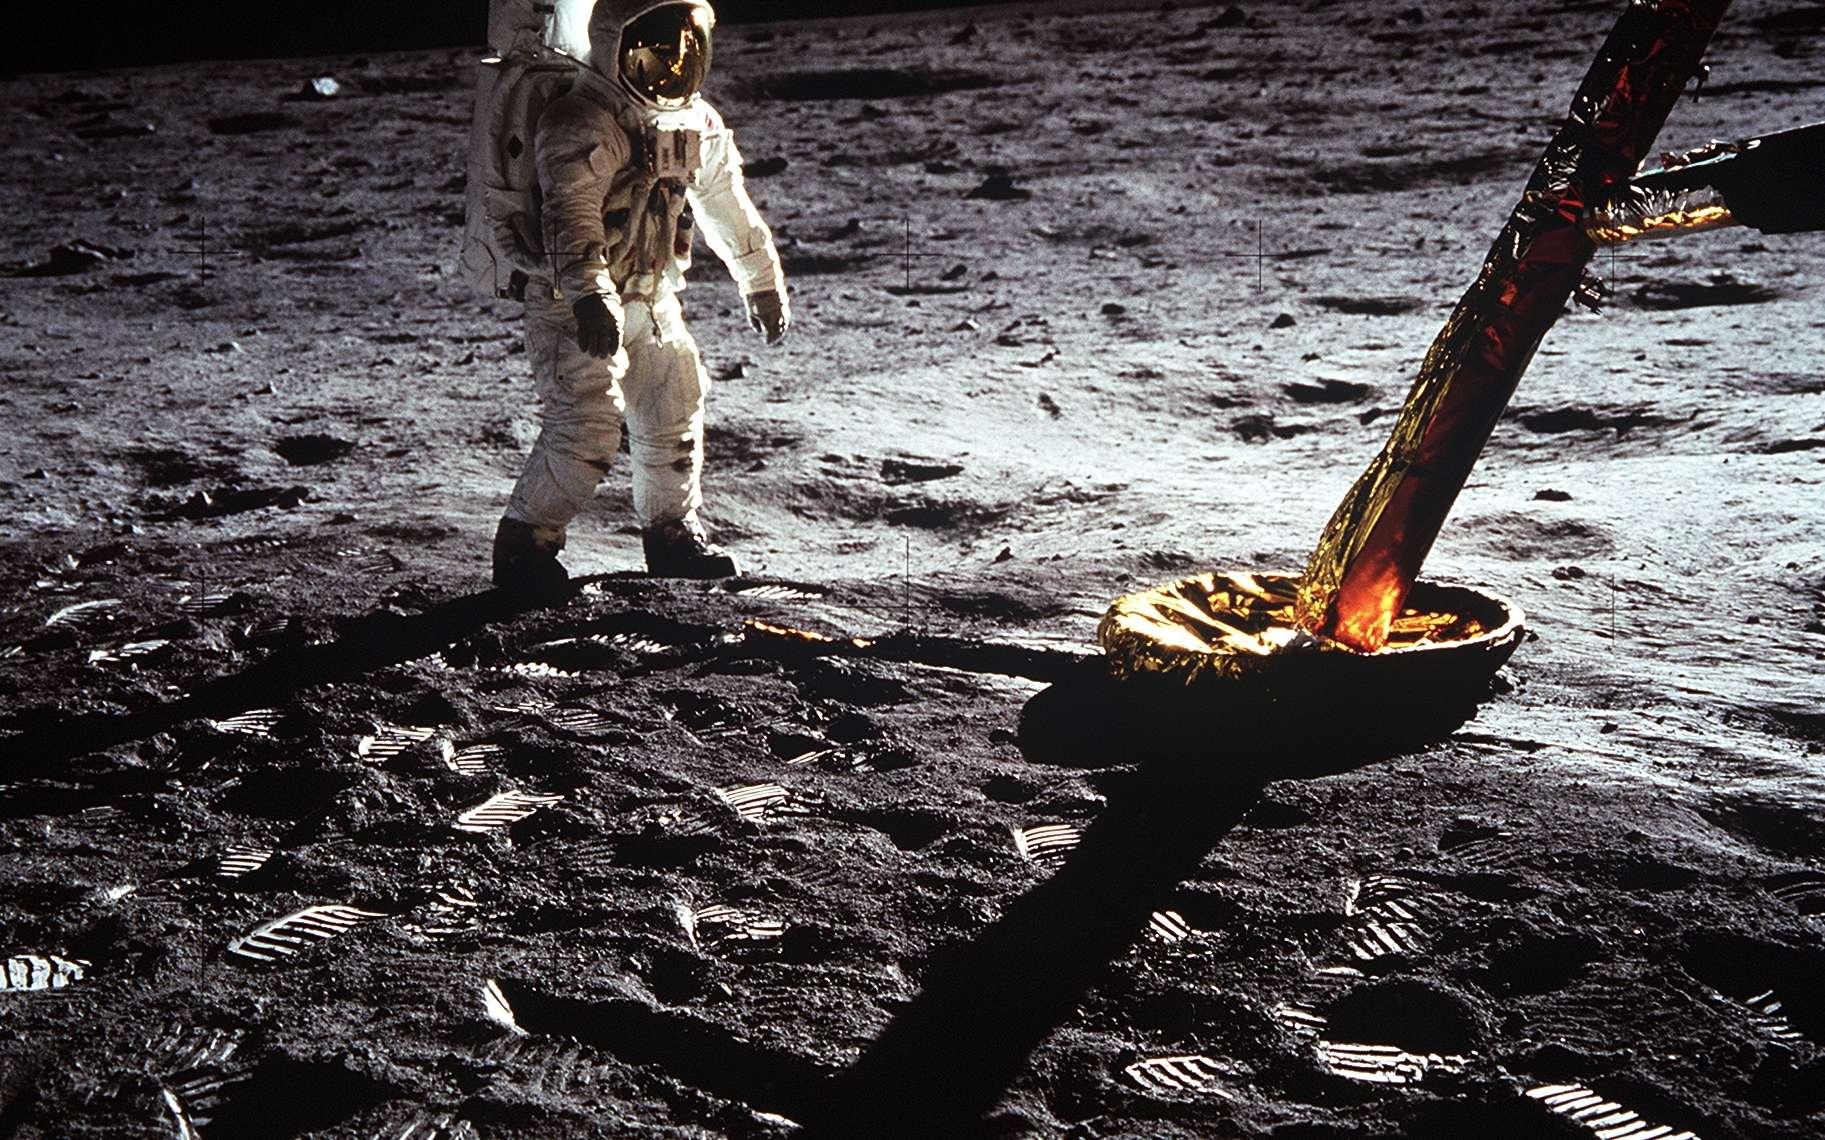 Autre image iconique du ce premier voyage à la surface de la Lune : ici, Buzz Aldrin qui prend la pause près d'un des pieds du module lunaire Eagle. Photo prise par Neil Armstrong. Des dizaines de traces de pas tout autour d'eux.© Nasa